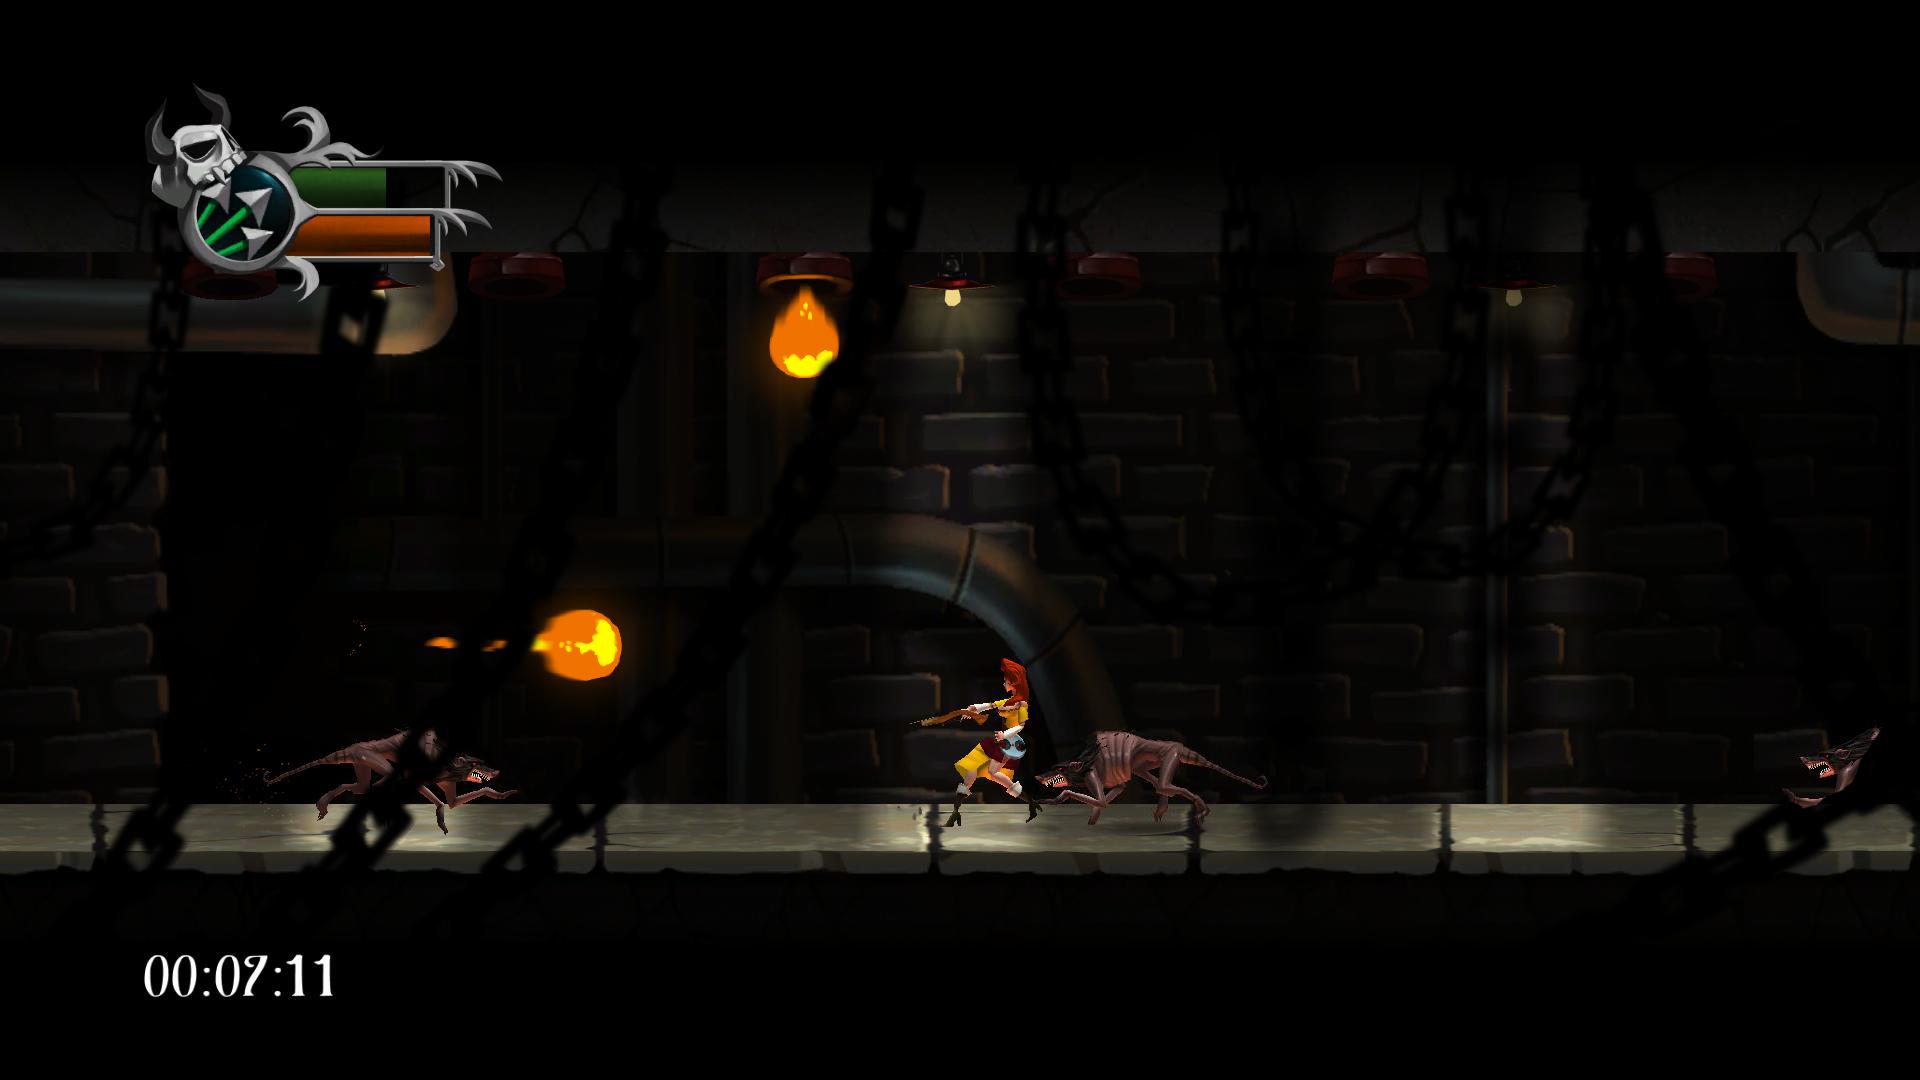 Werewolf игра на компьютер скачать